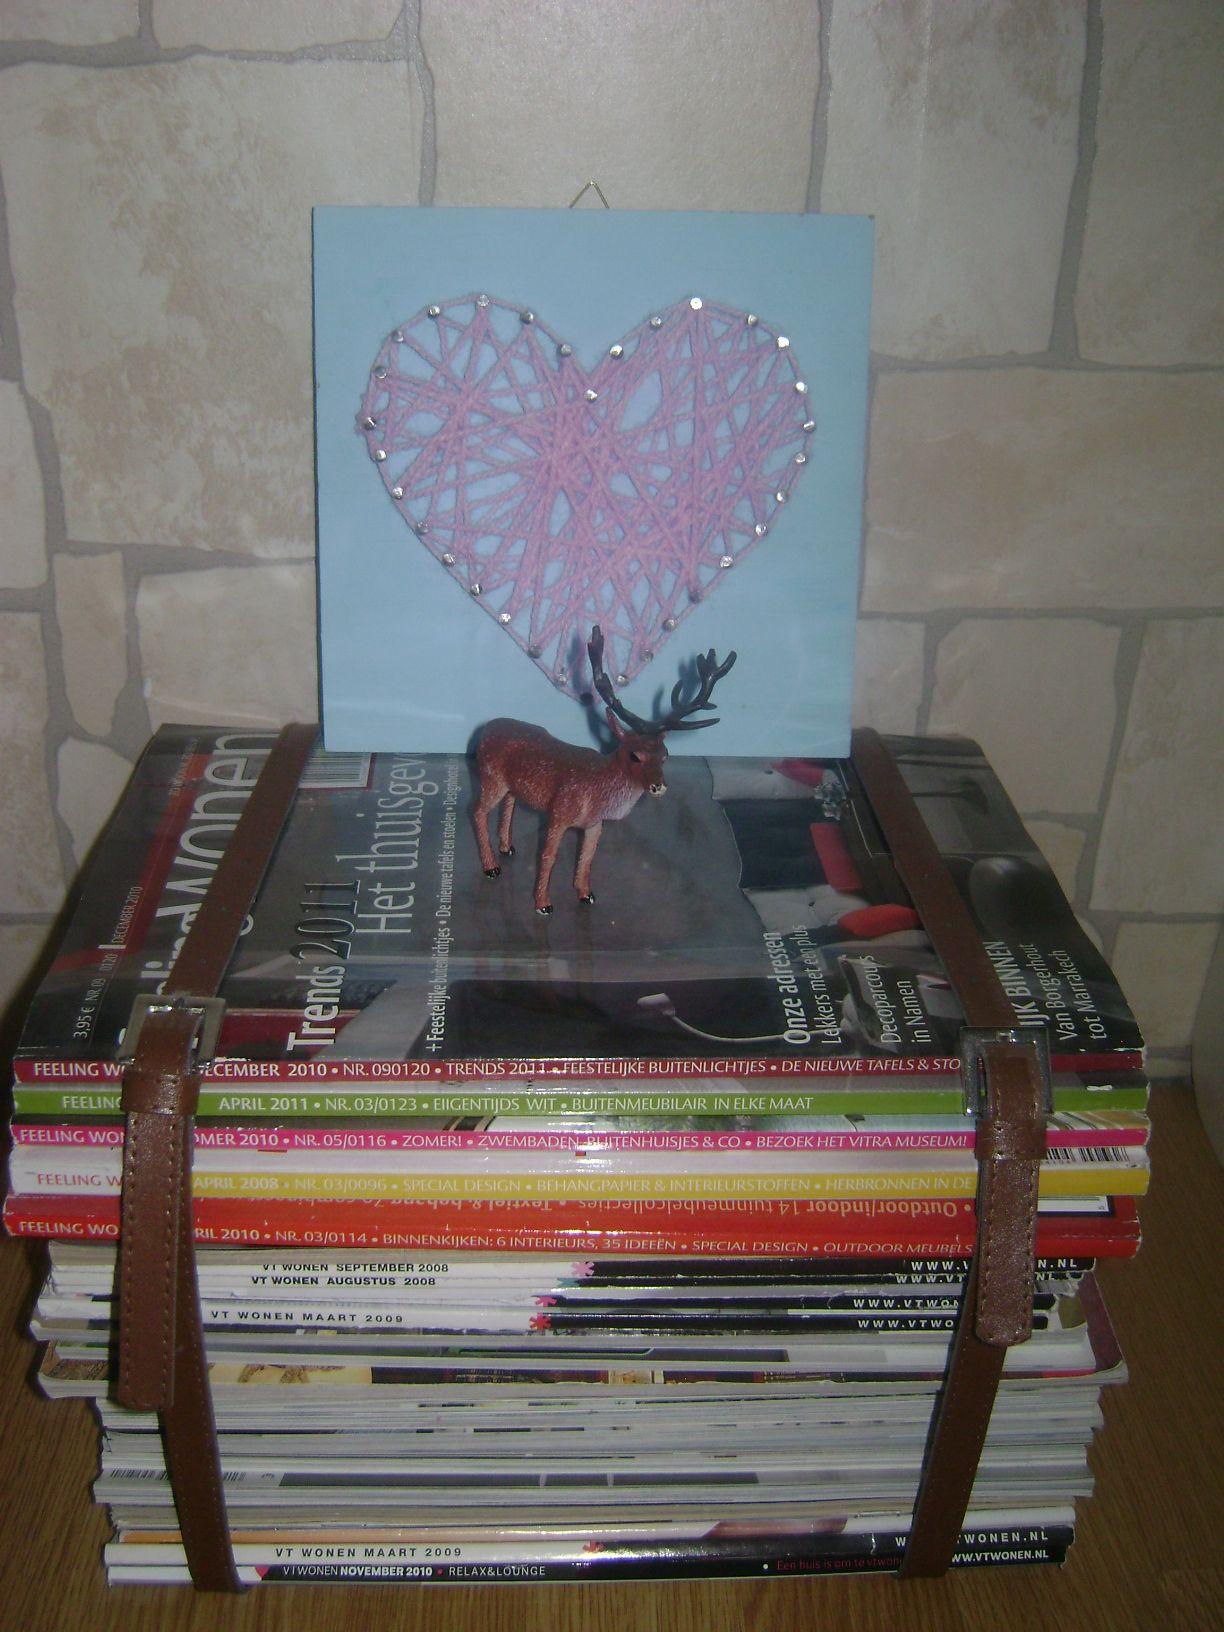 Krukje met oude tijdschriften!